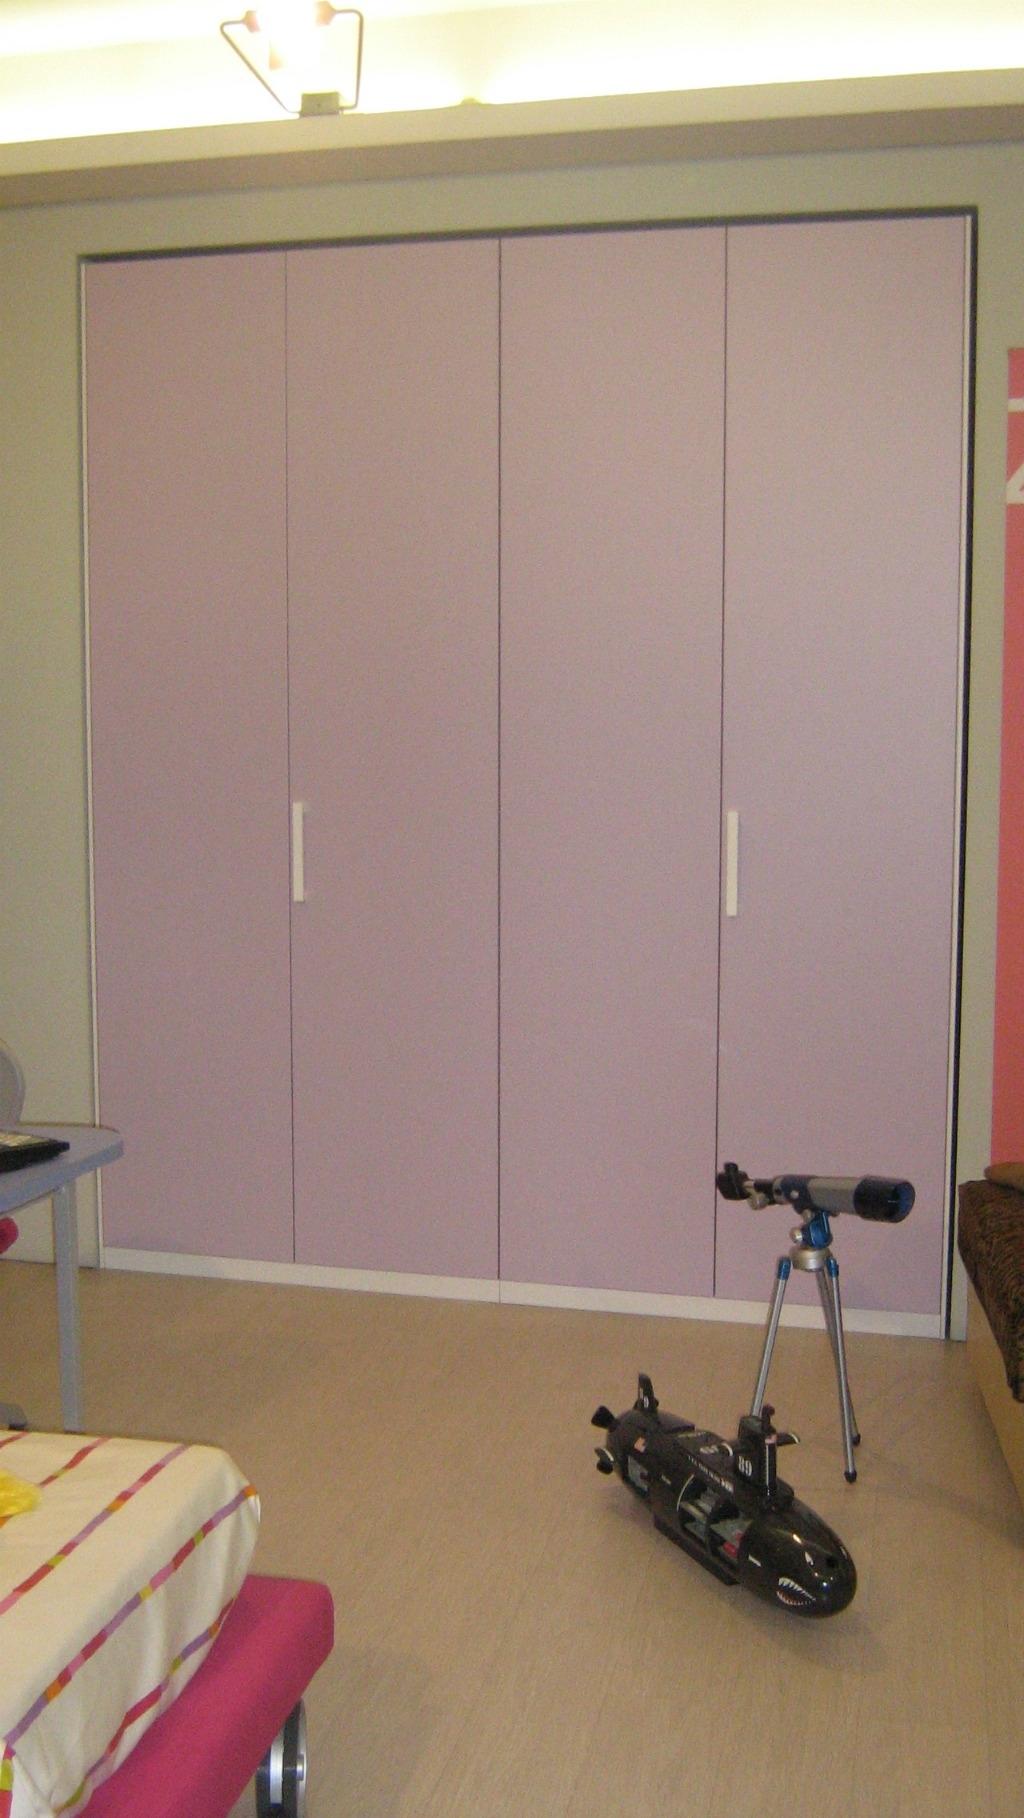 Arredamento Camerette Zalf : Zalf armadio lilla offerta camerette a prezzi scontati